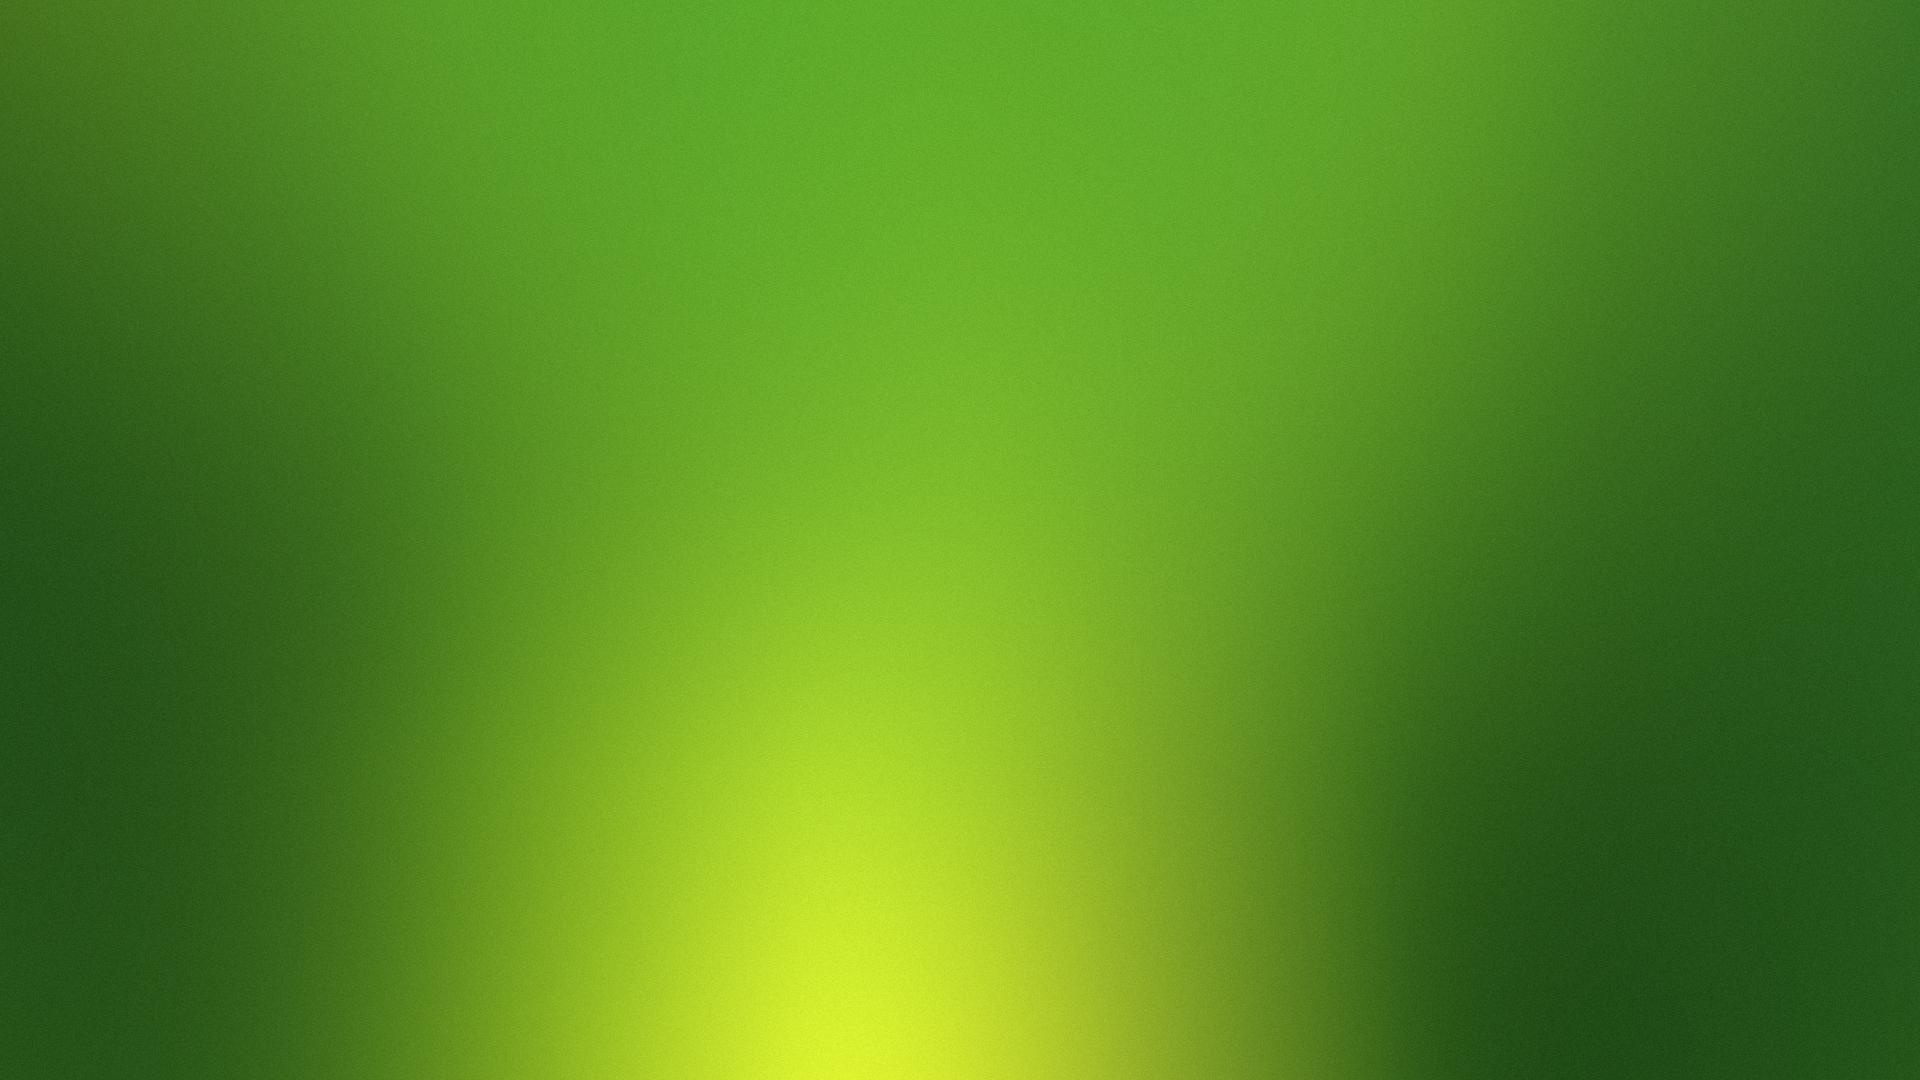 background plain colors plain color backgrounds plain background 1920x1080